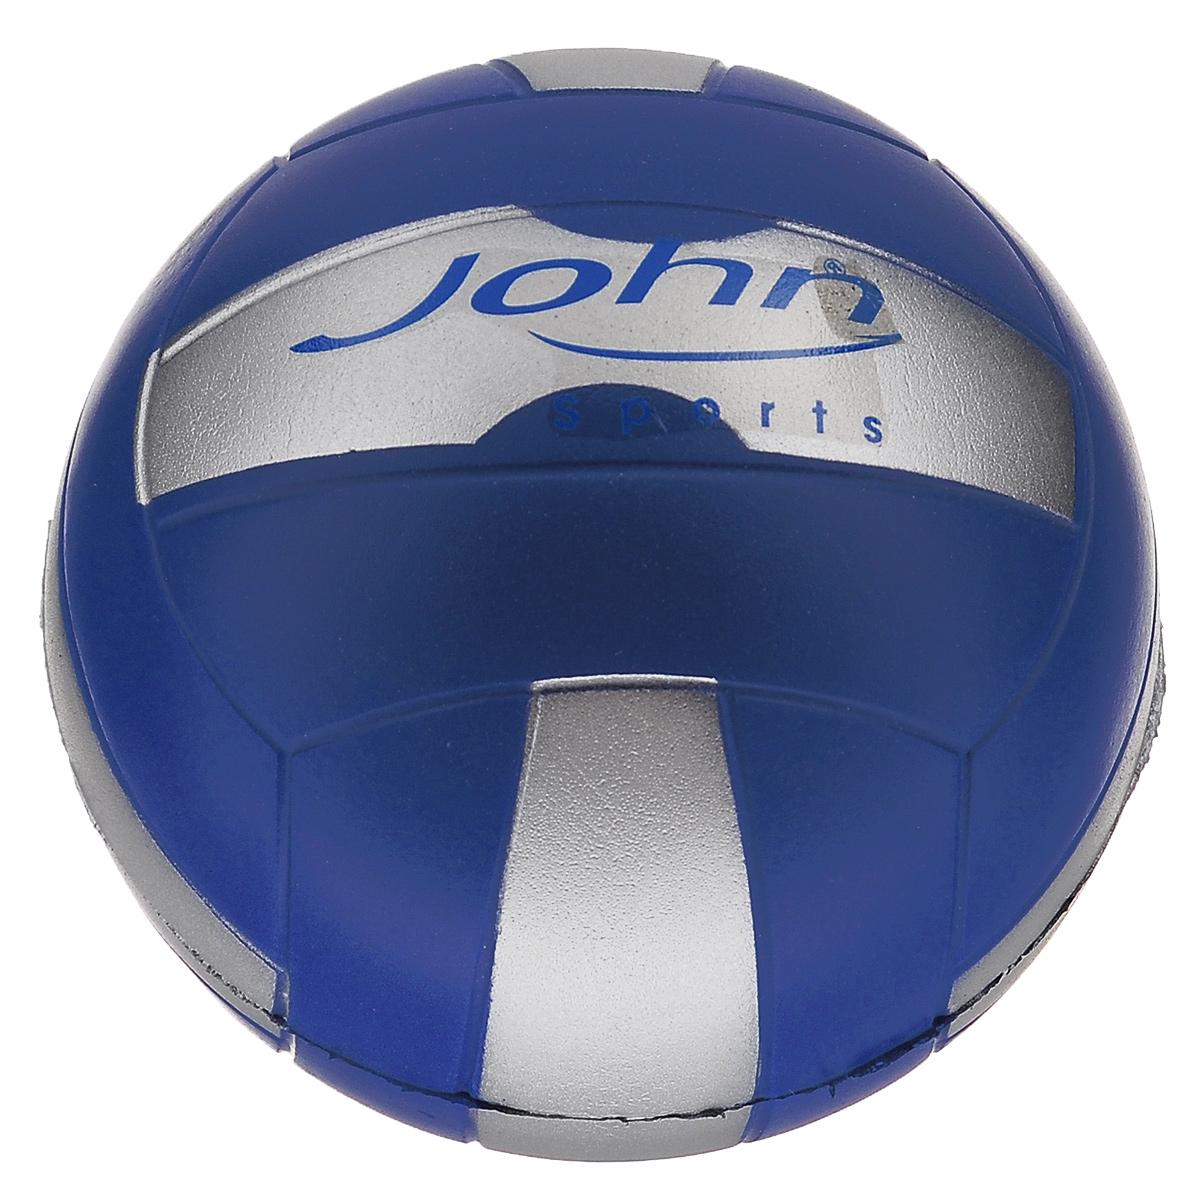 Мяч John Спорт, цвет: синий, серый, 10 см56630_синий-серыйМяч John Спорт прекрасно подойдет для игр на свежем воздухе и в зале. Изготовлен из мягкого полиуретана, обладает отличными игровыми качествами. Спортивные игры развивают ловкость, силу, глазомер и быстроту реакции. Порадуйте своего непоседу таким замечательным подарком!